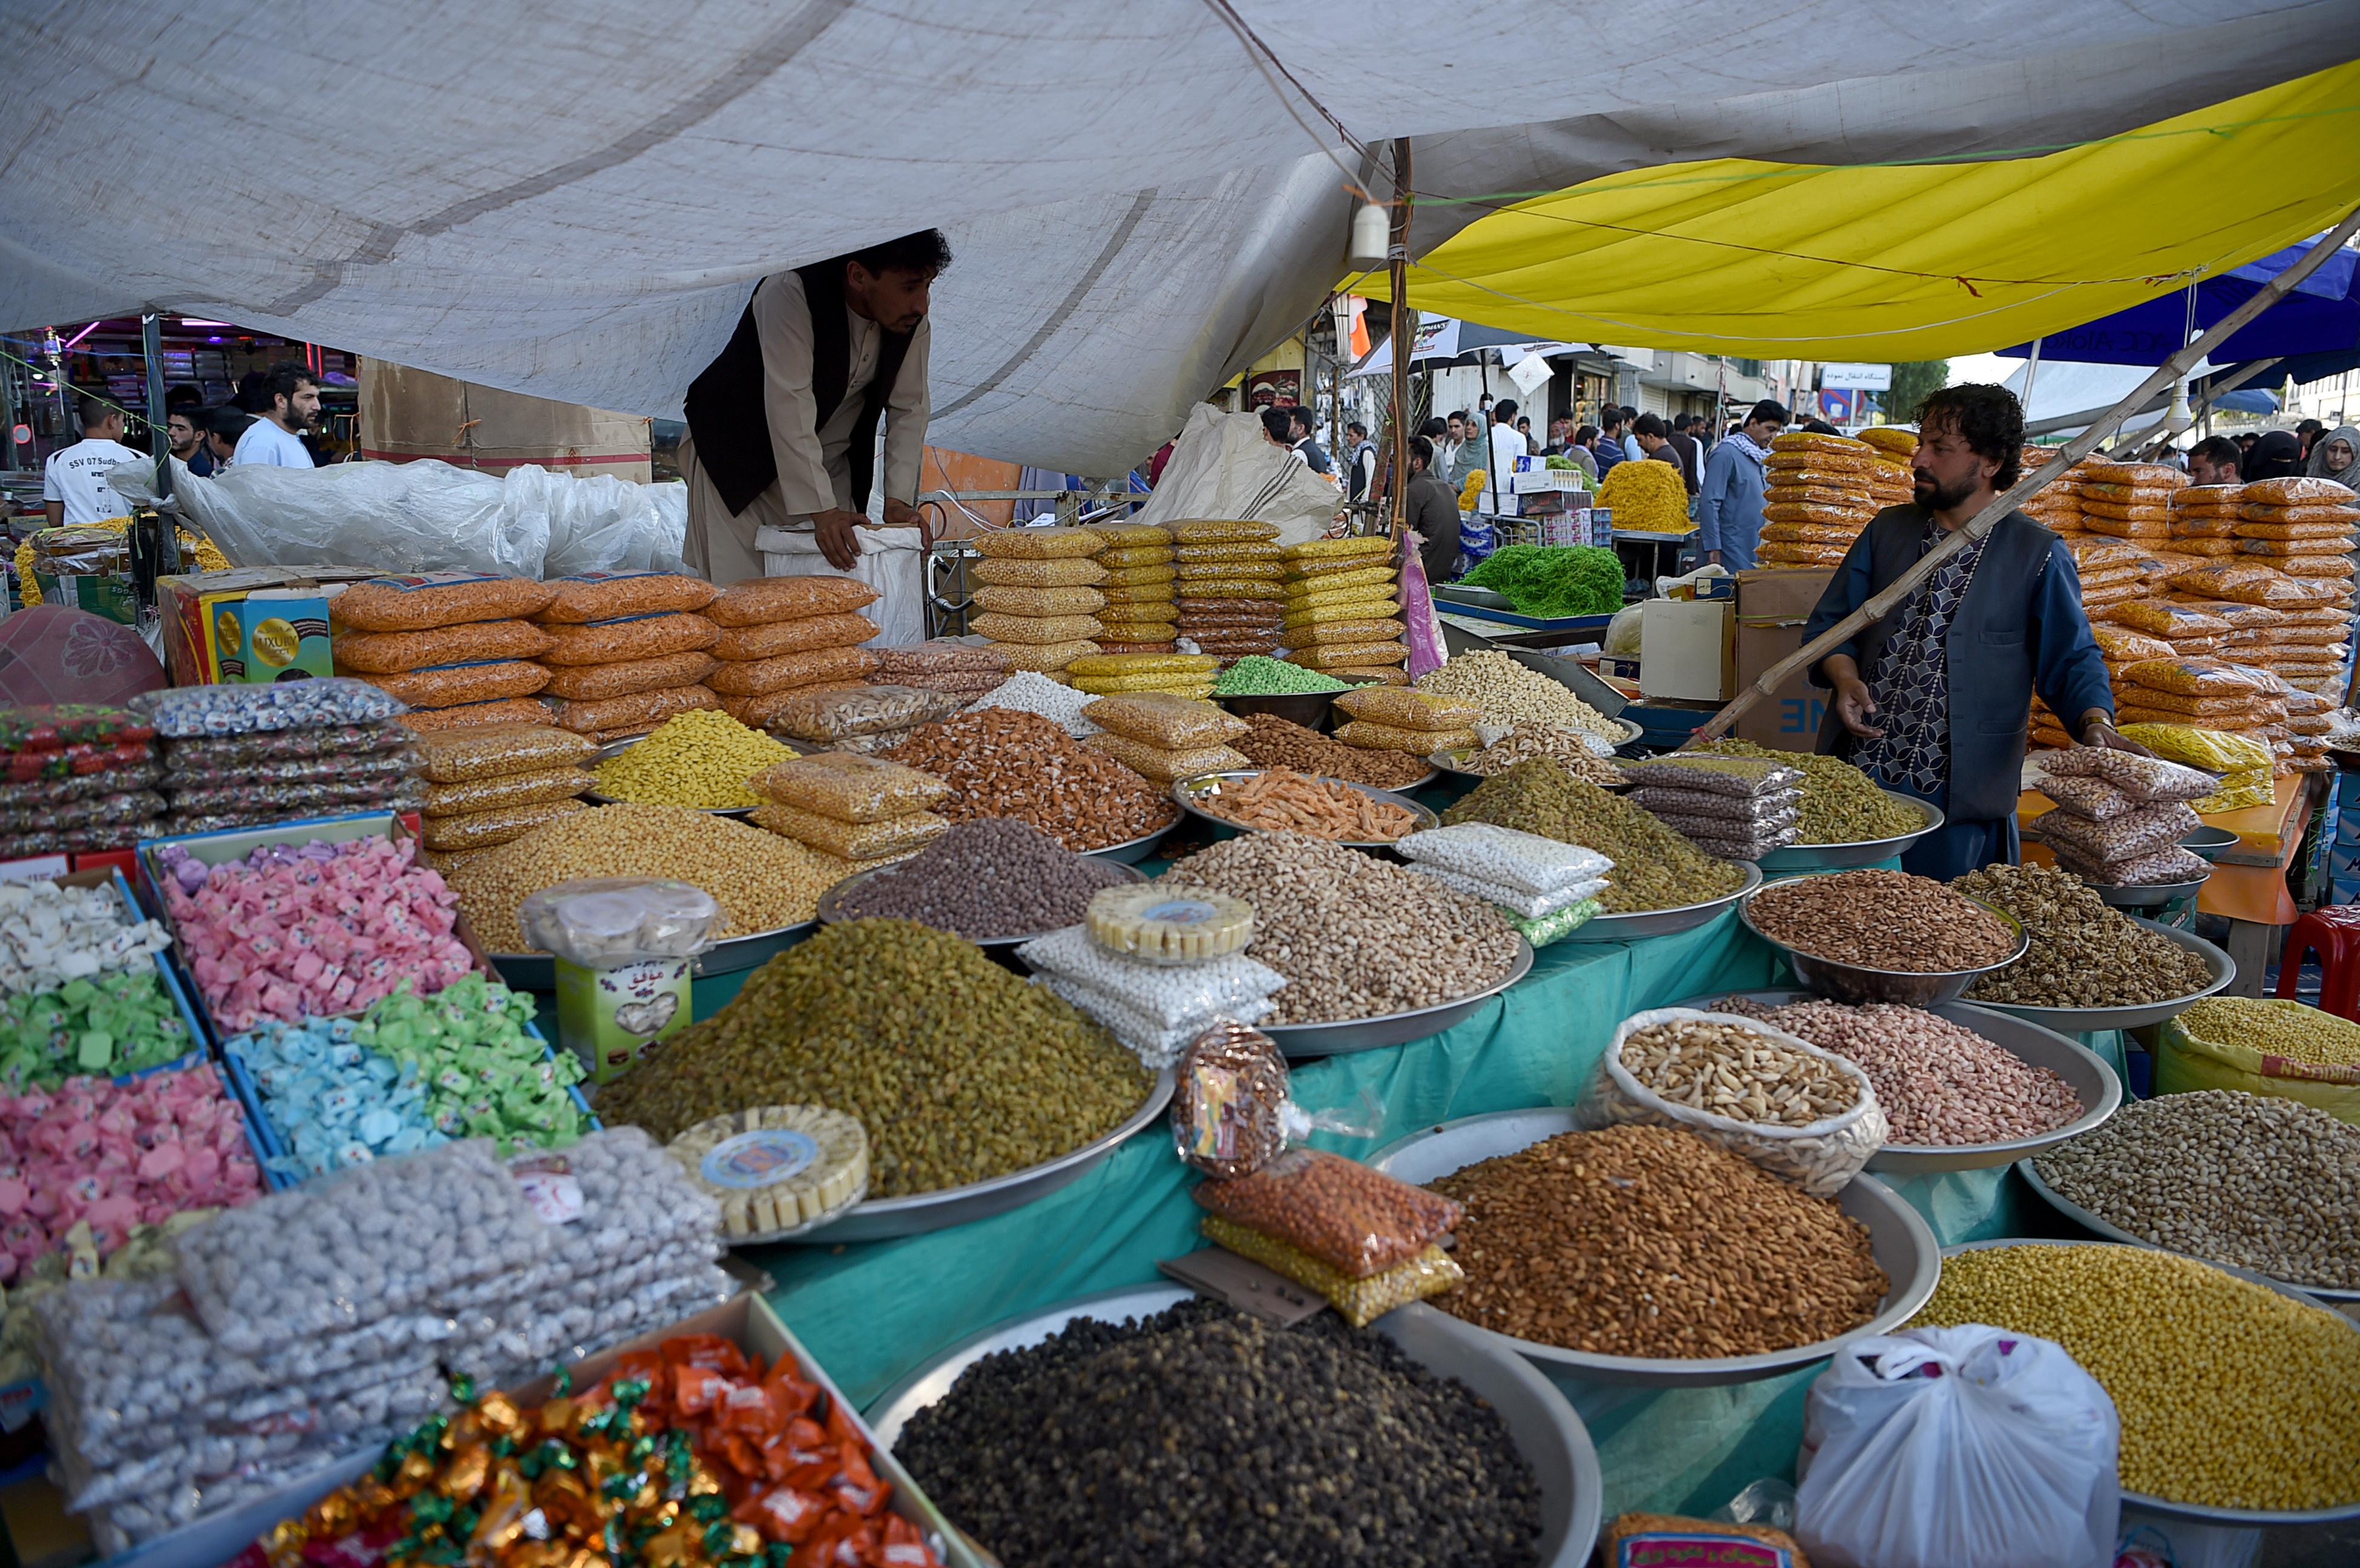 محل لبيع الفواكه المجففة التي ينشط بيعها في كابول استعدادا لعيد الفطر